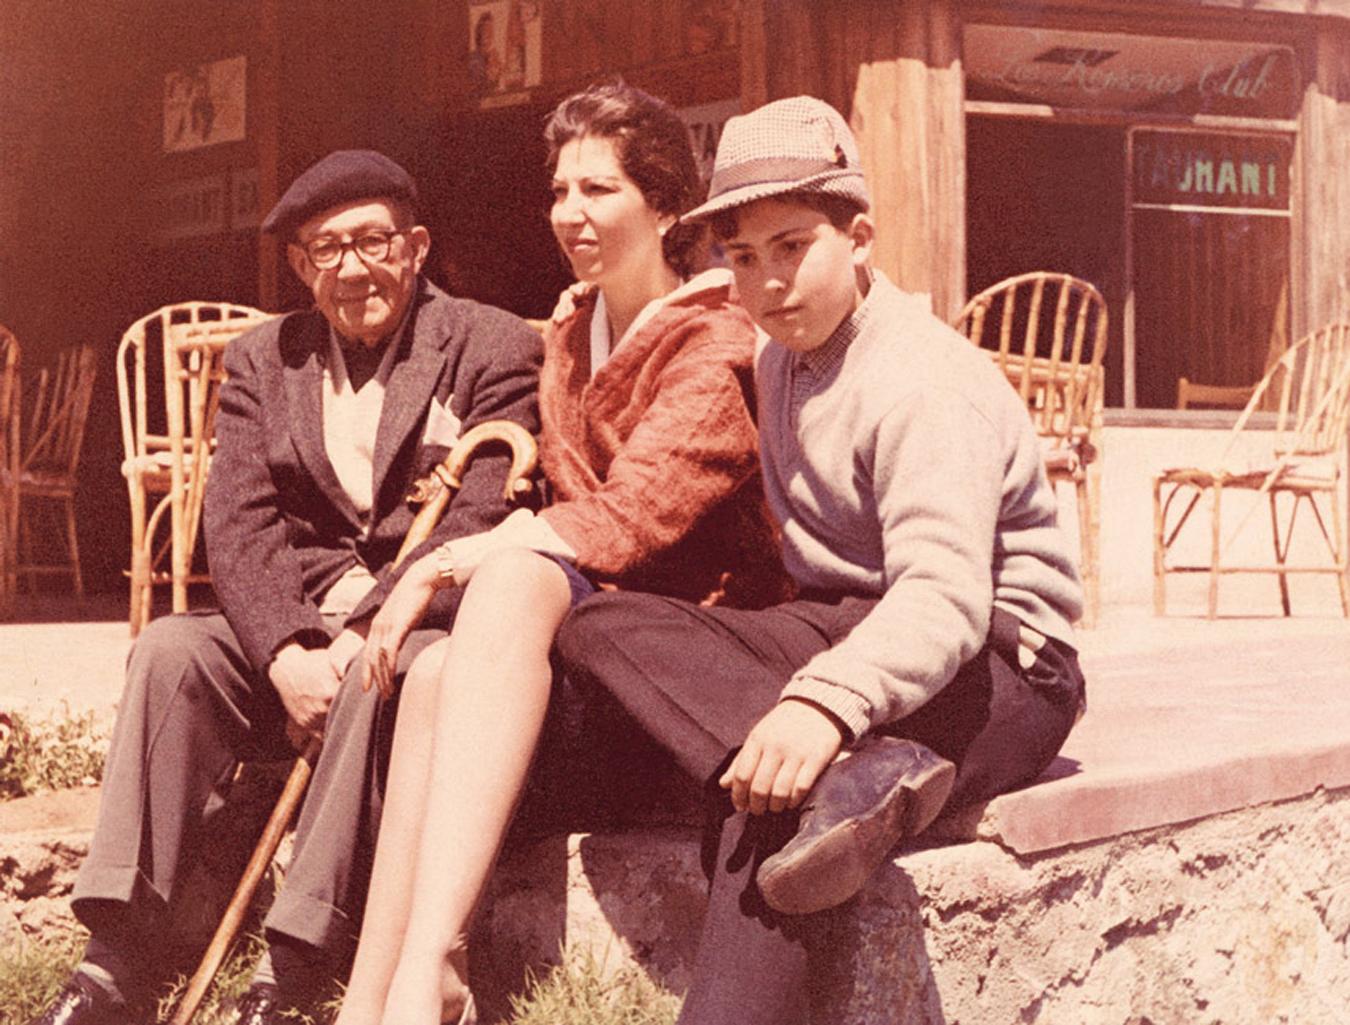 Enterreno - Fotos históricas de chile - fotos antiguas de Chile - Alberto Romero y su hija Graciela Romero en 1960